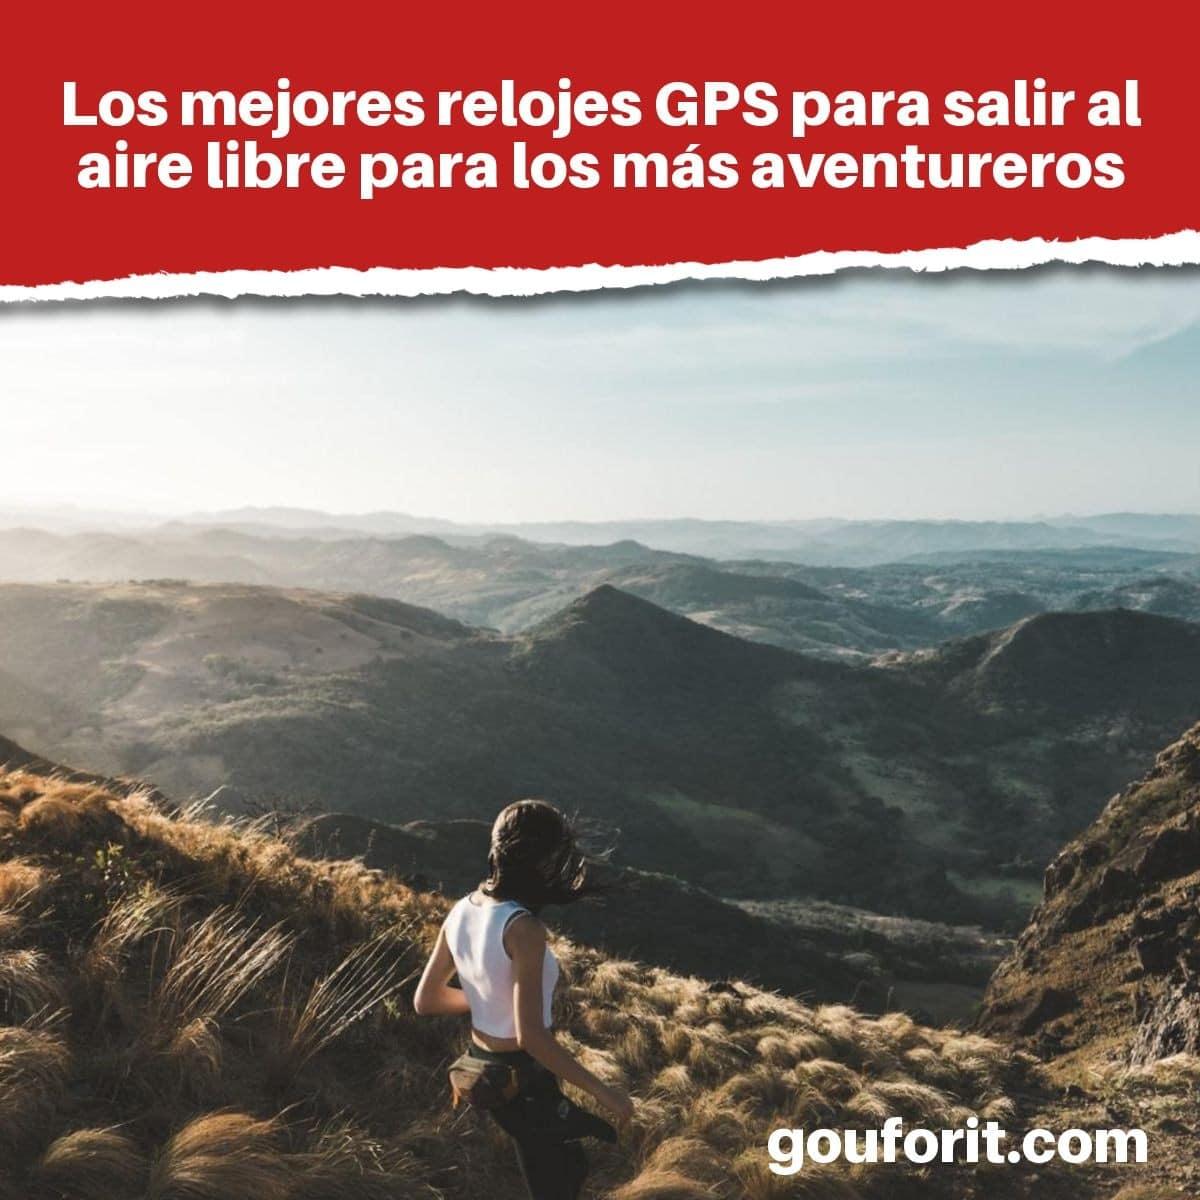 Los mejores relojes GPS para salir al aire libre